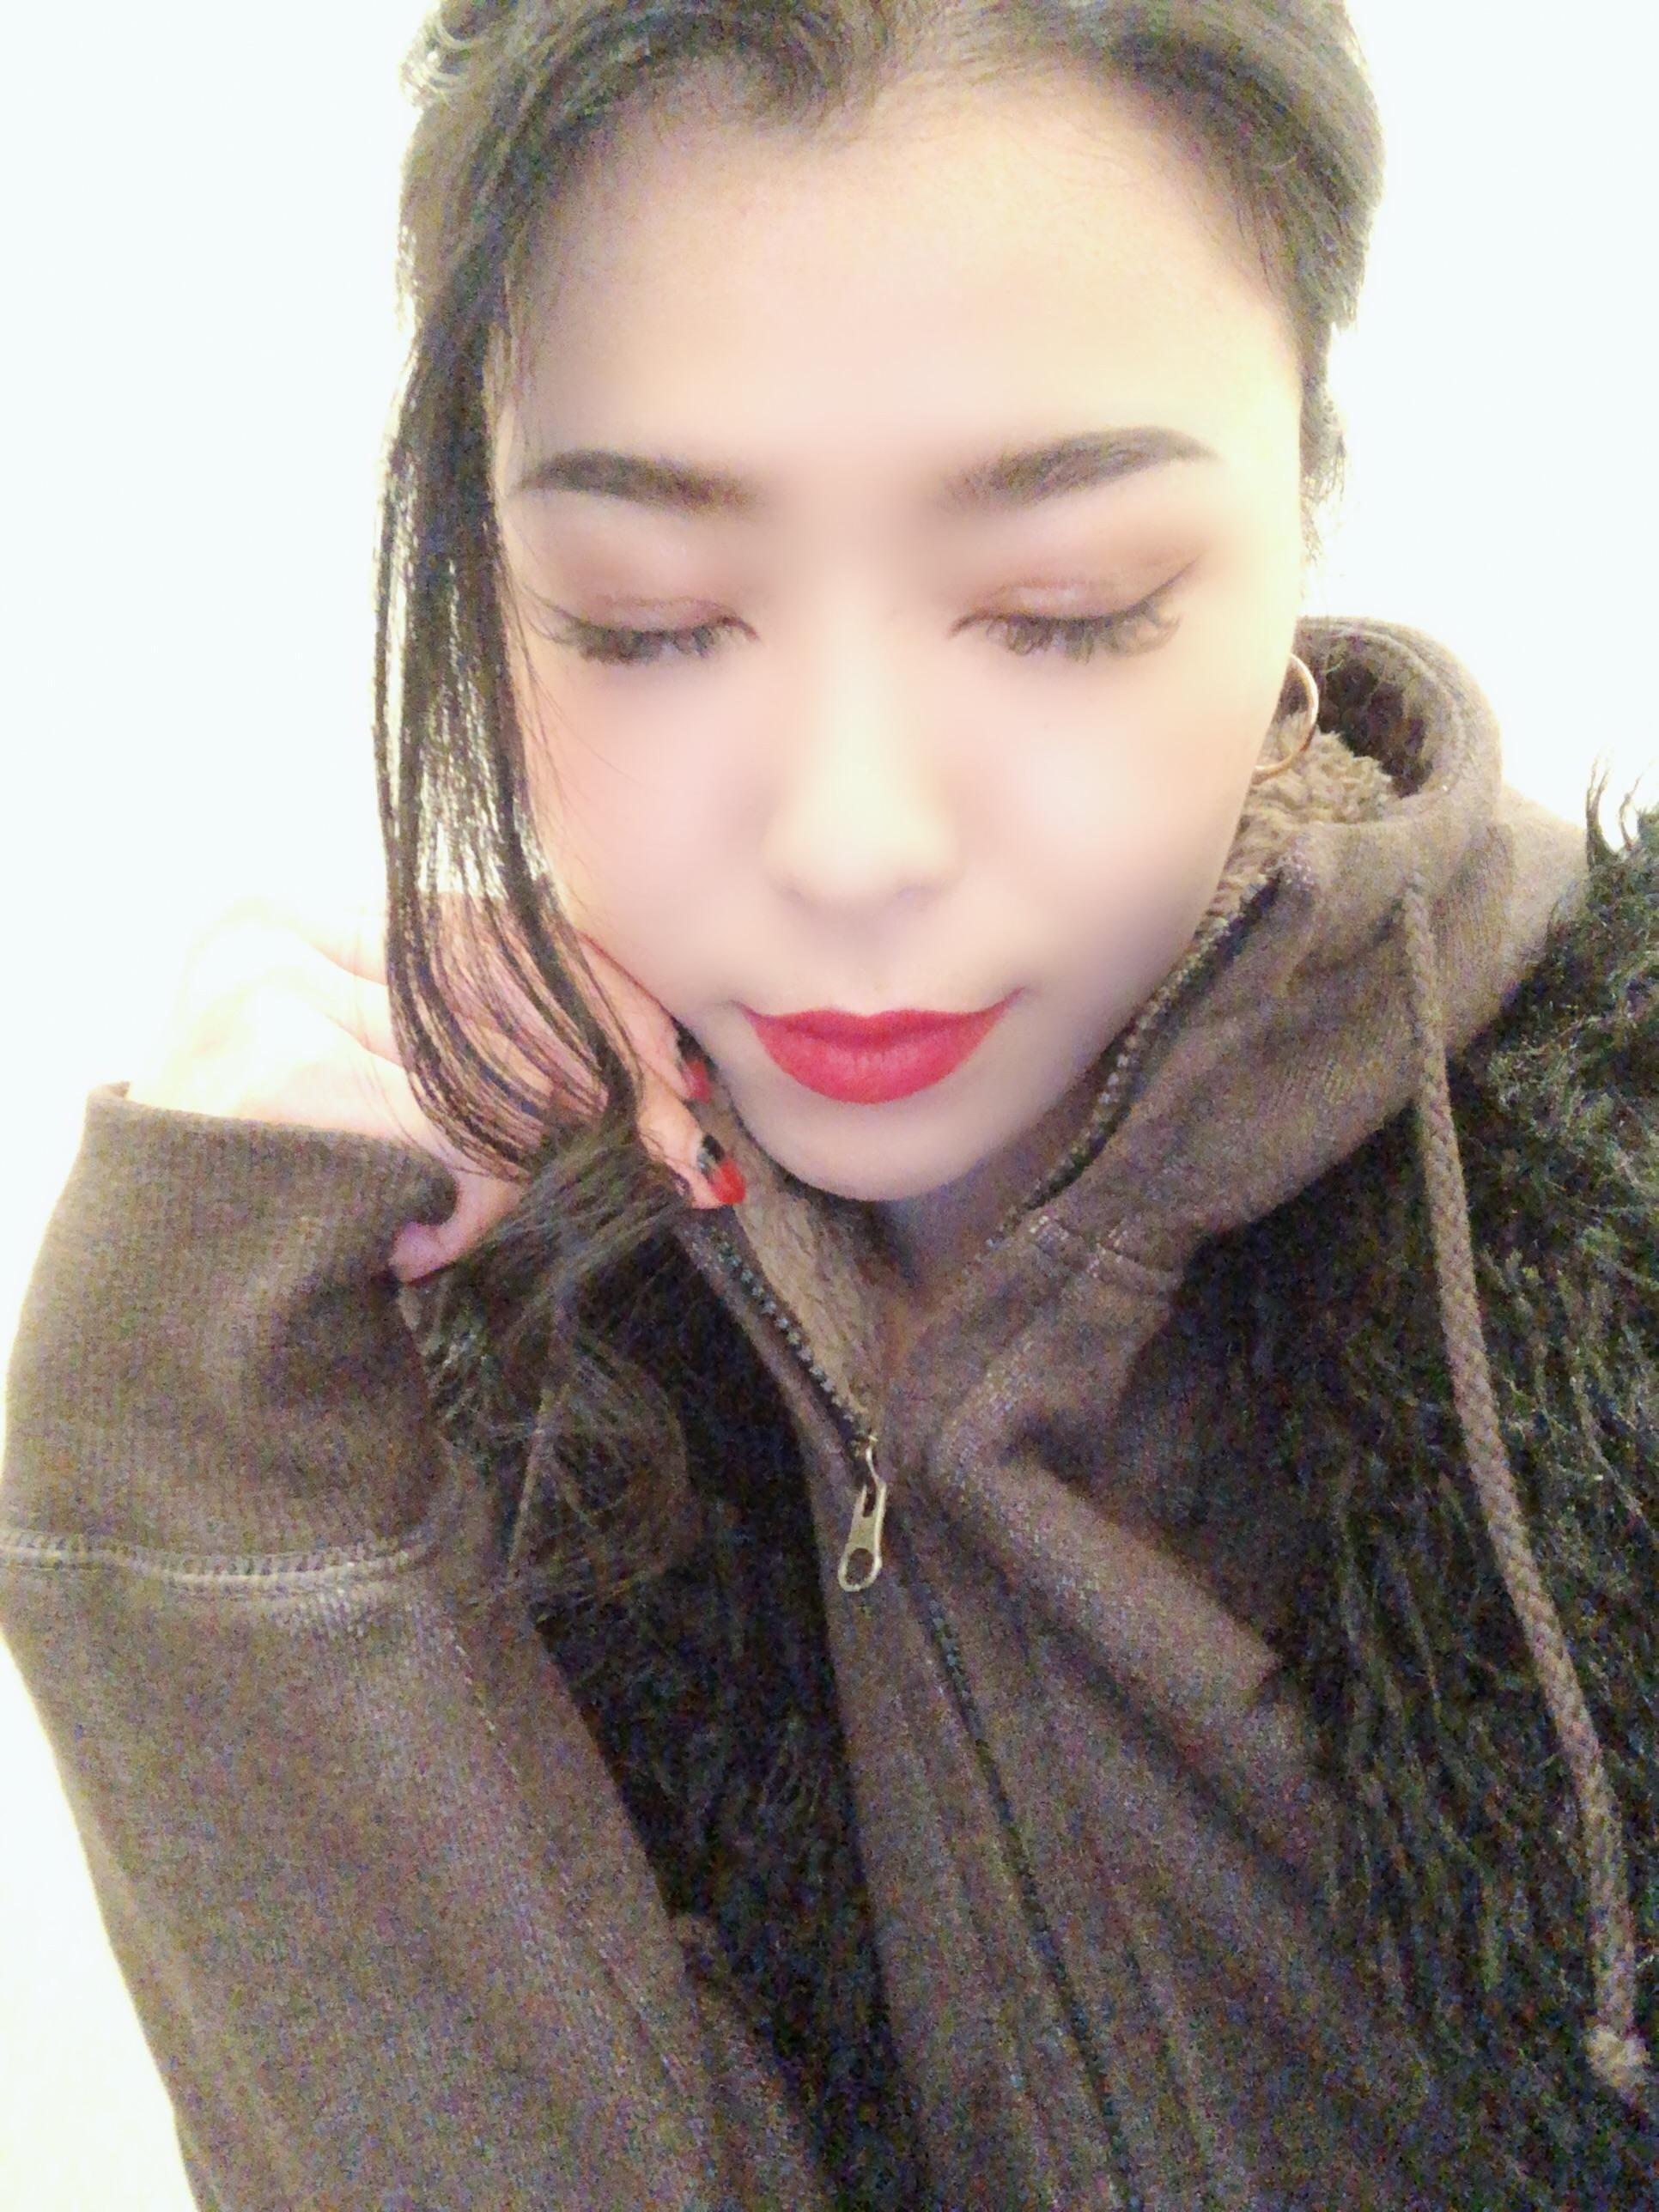 「Thank  U」11/19日(月) 18:25 | リリの写メ・風俗動画